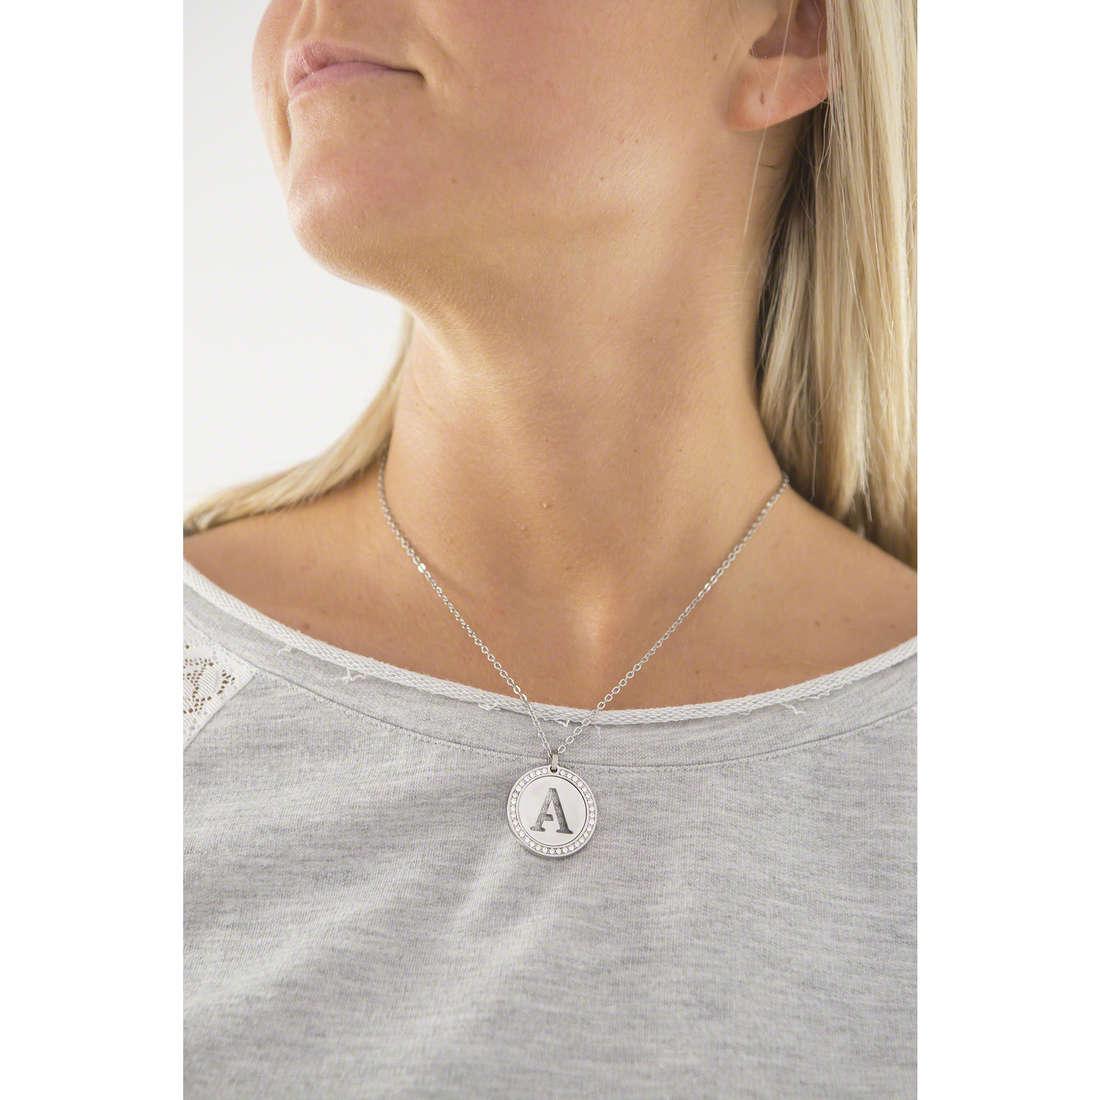 Sagapò colliers LetteRing femme SLR01 indosso